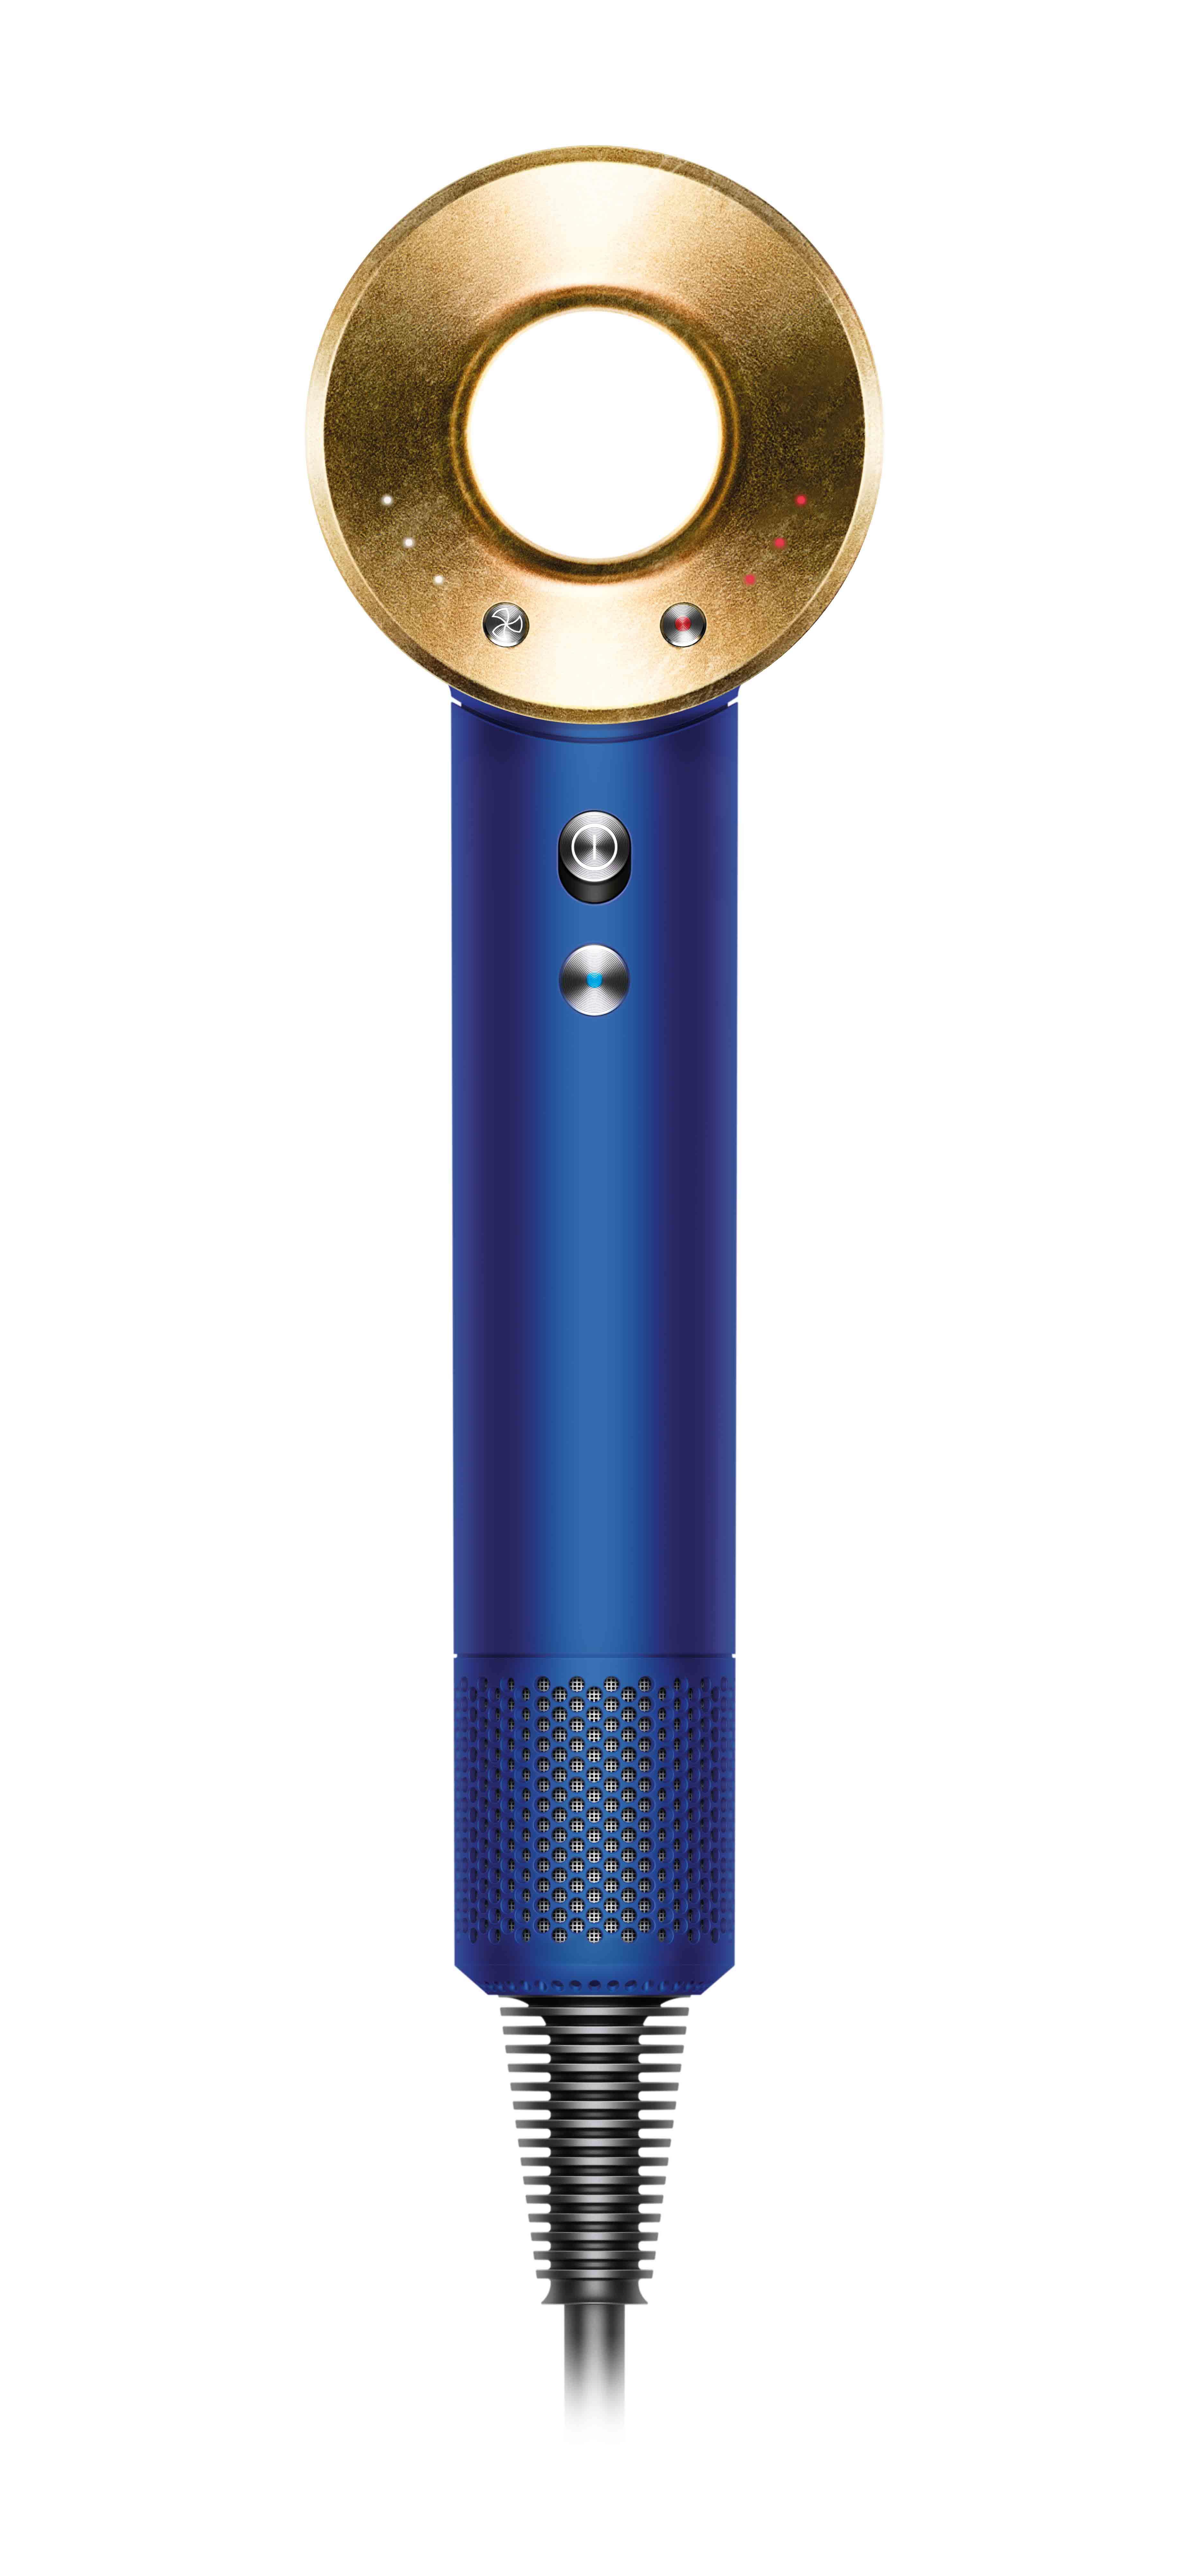 图片一:Dyson Supersonic™蓝金特别礼盒版吹风机_看图王.jpg